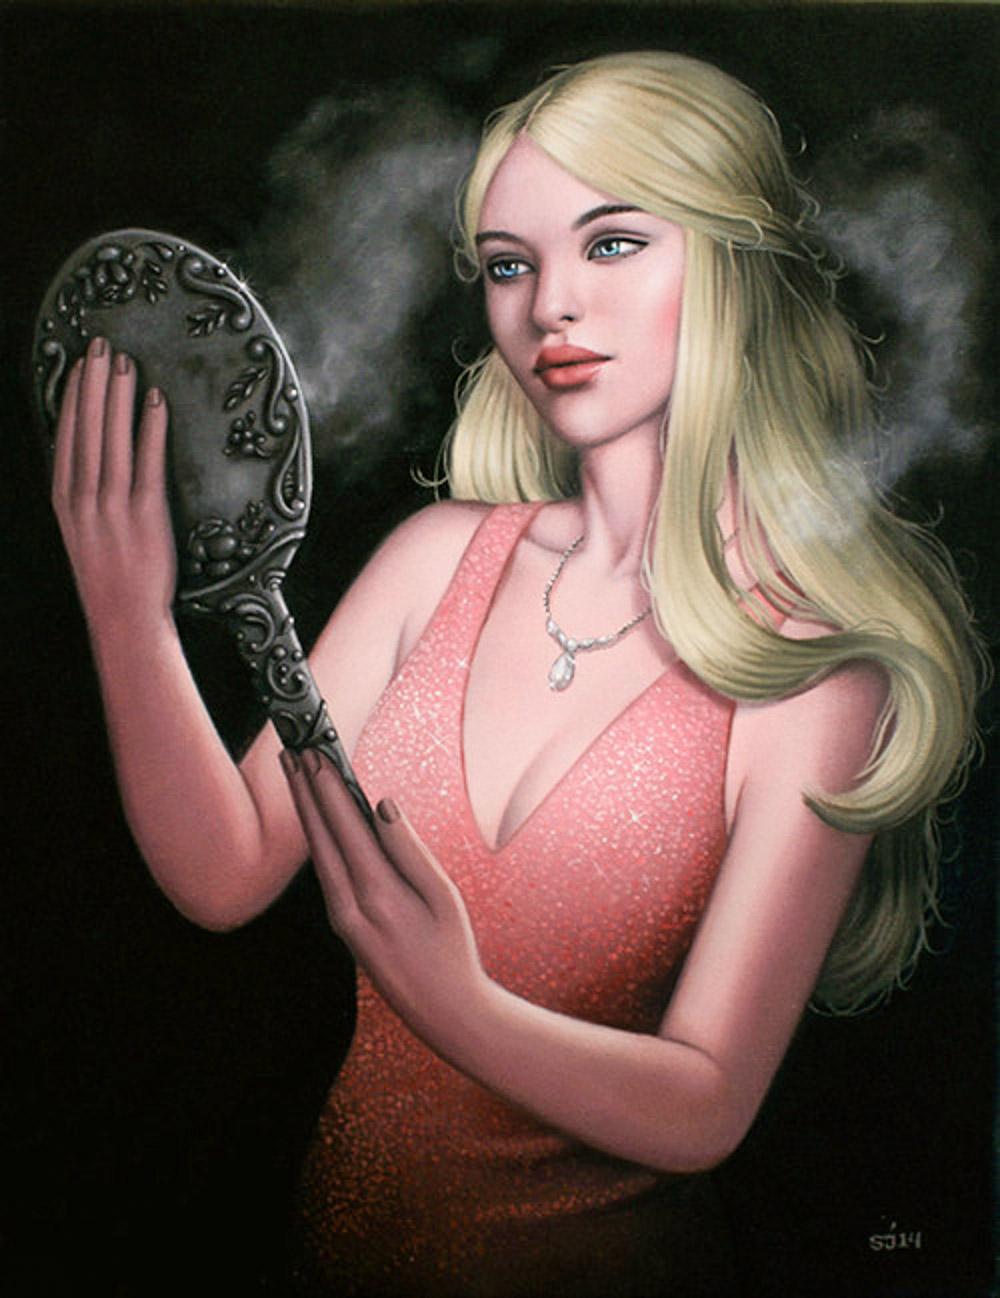 Загадочные девушки Сара Джонкас